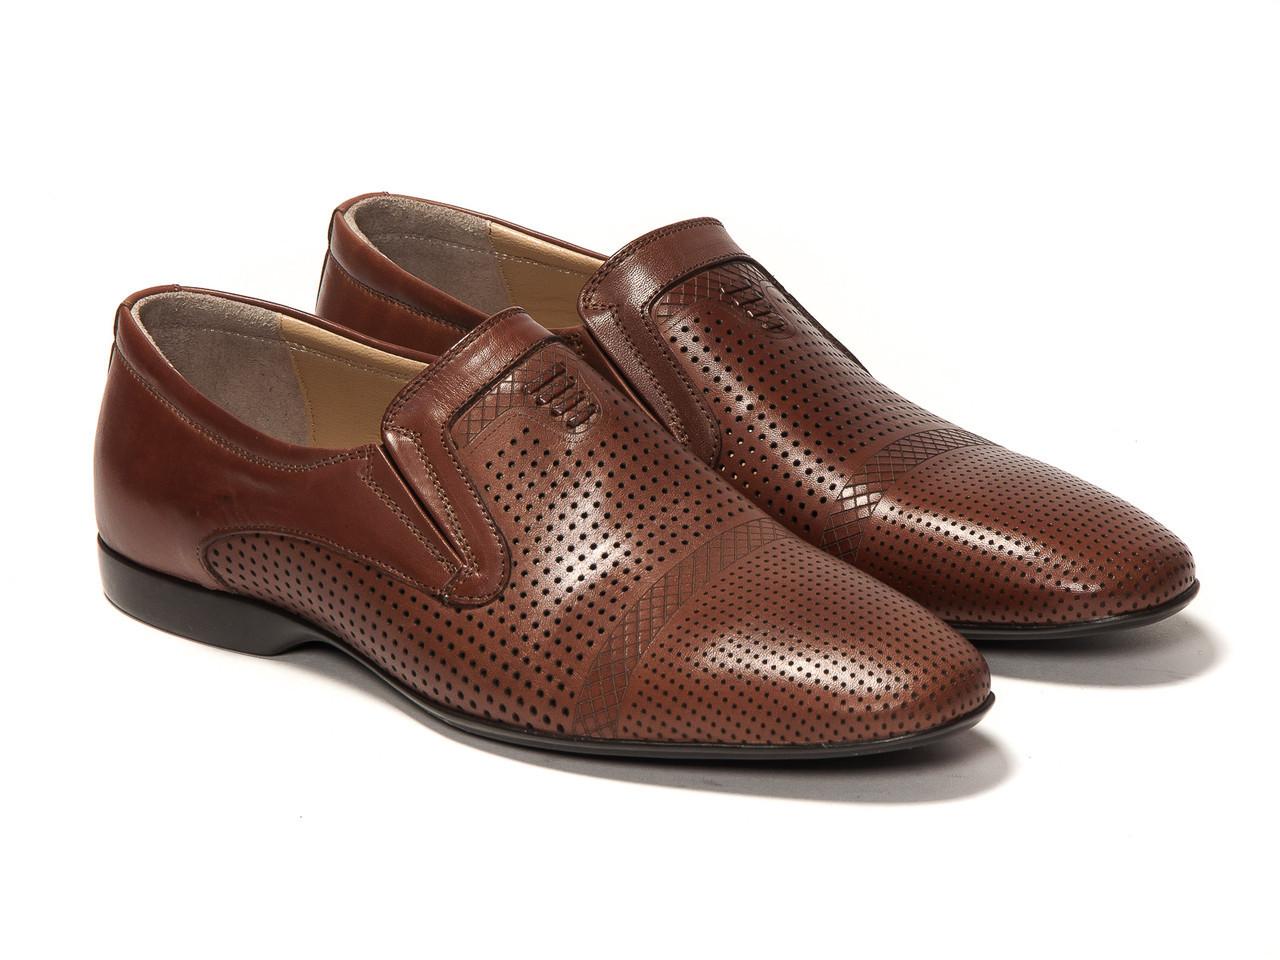 Туфли Etor 11759-7115-3  42 коричневые